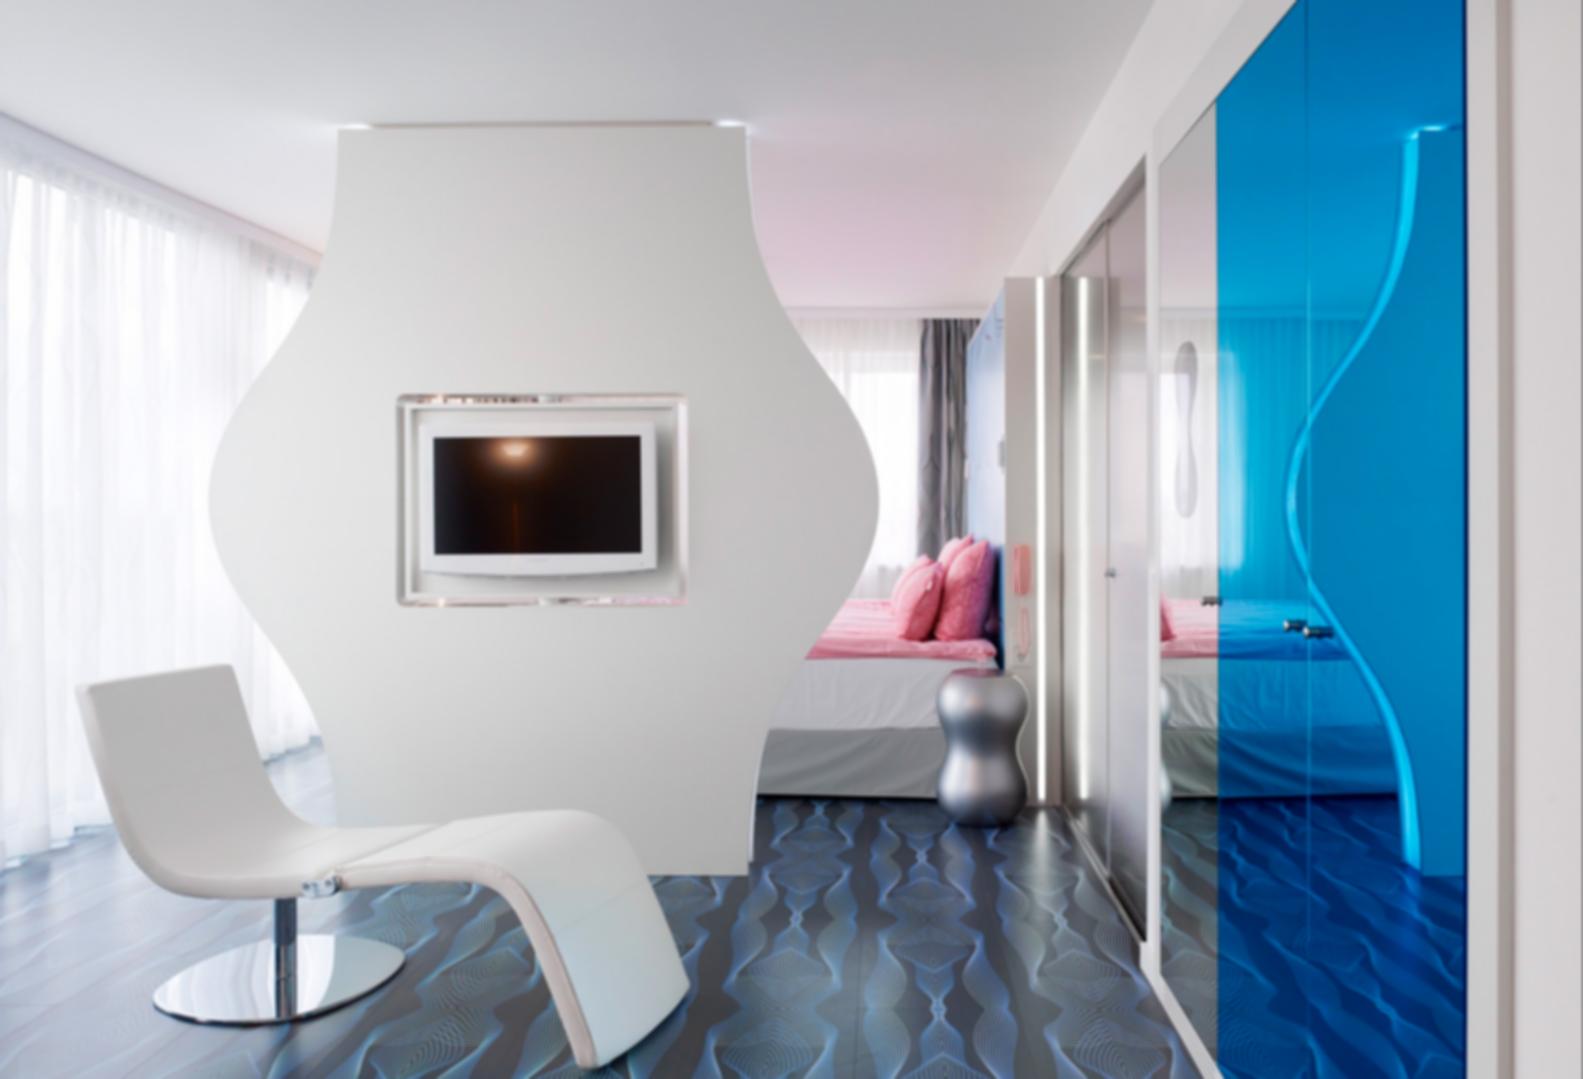 nhow Berlin - Bedroom